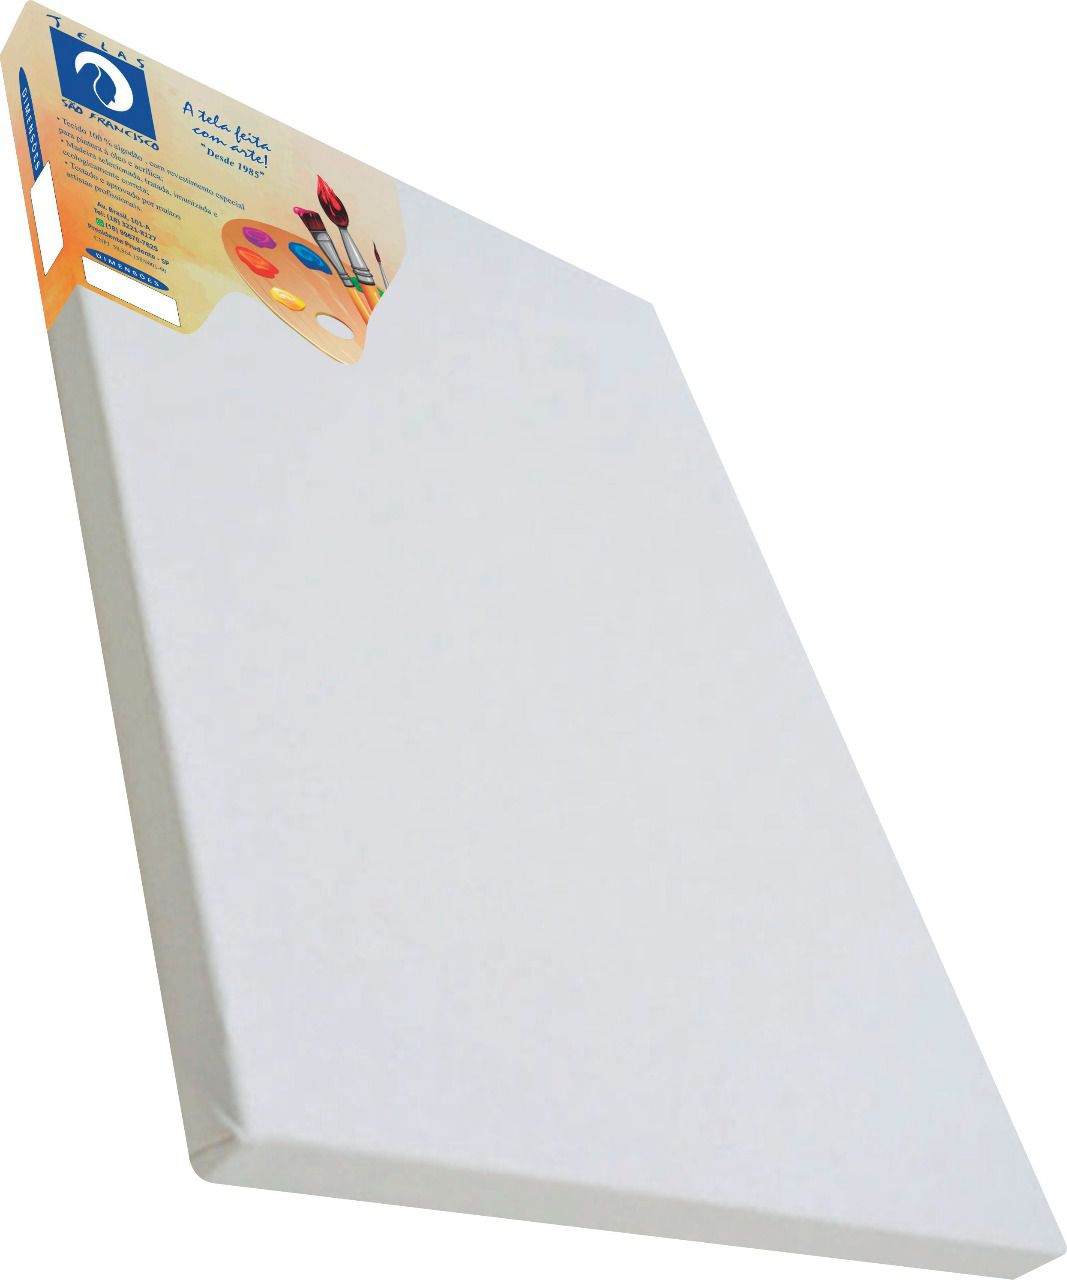 Tela comum para pintura 50x60cm - São Francisco